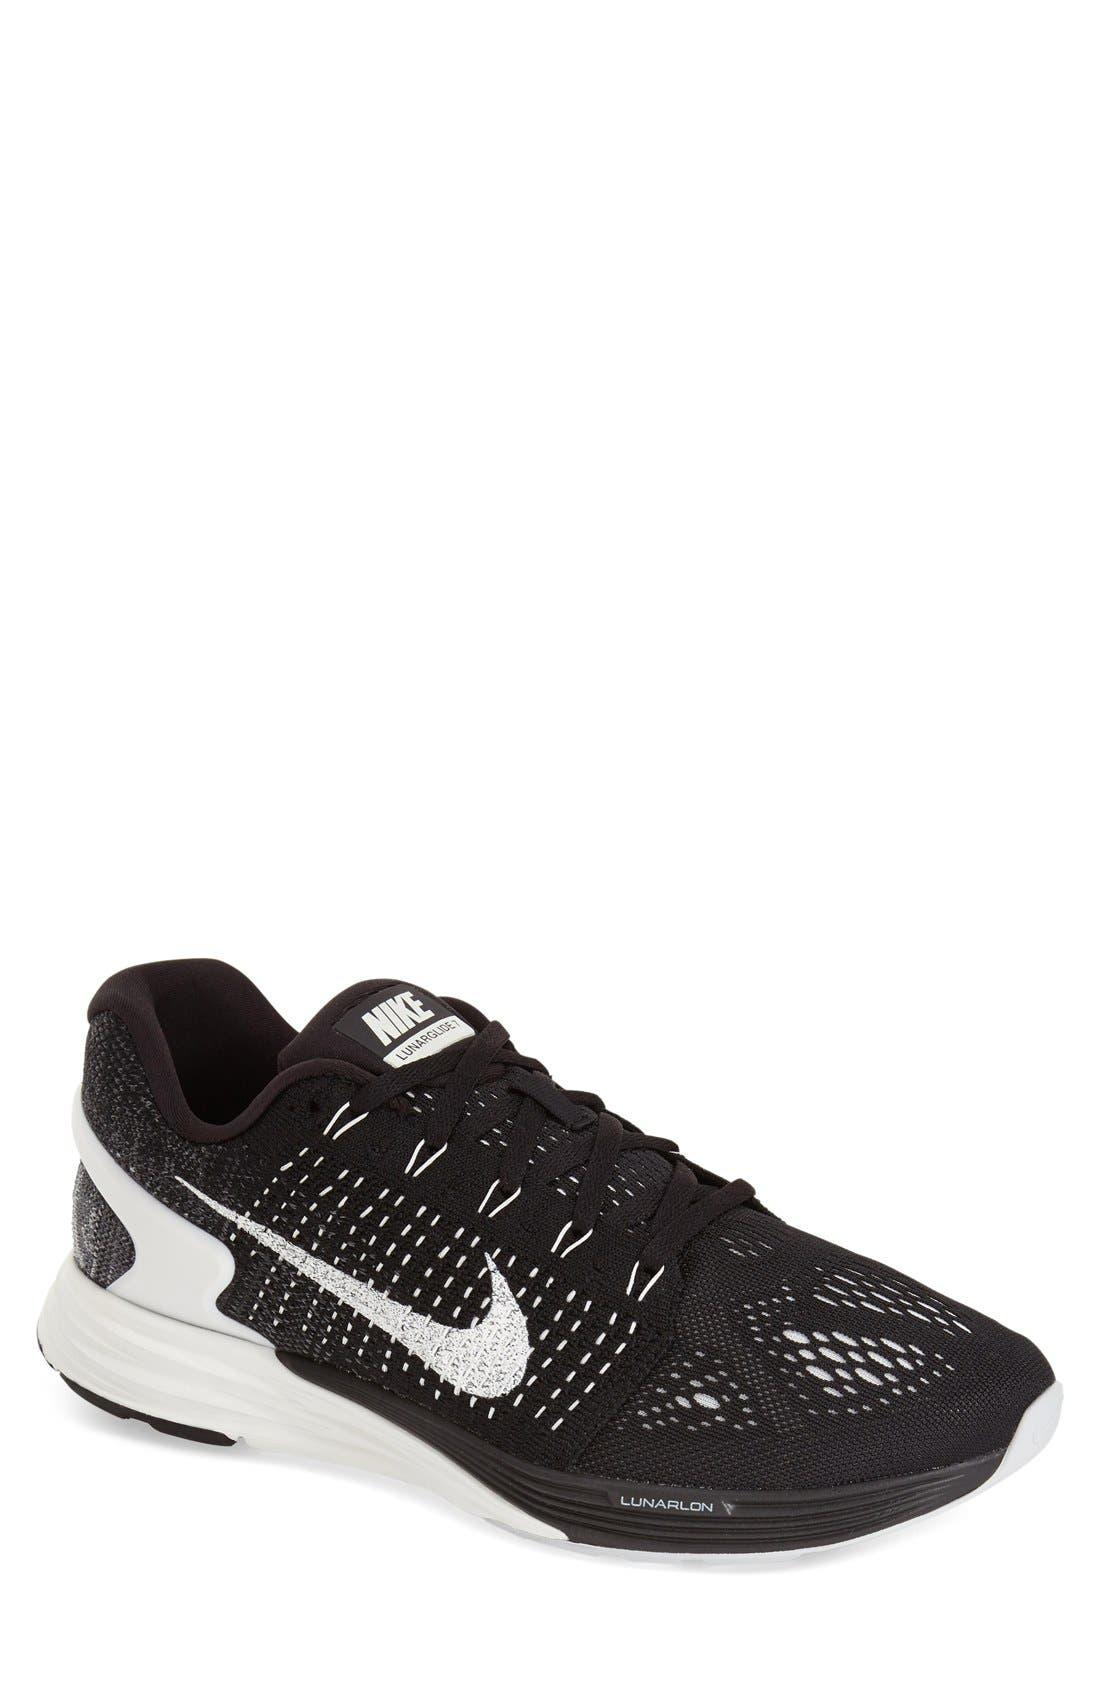 66d1b644d27ee ... Nike Lunarglide 7 Running Shoe (Men) (Regular Retail Price 125.00)  Nordstrom ...